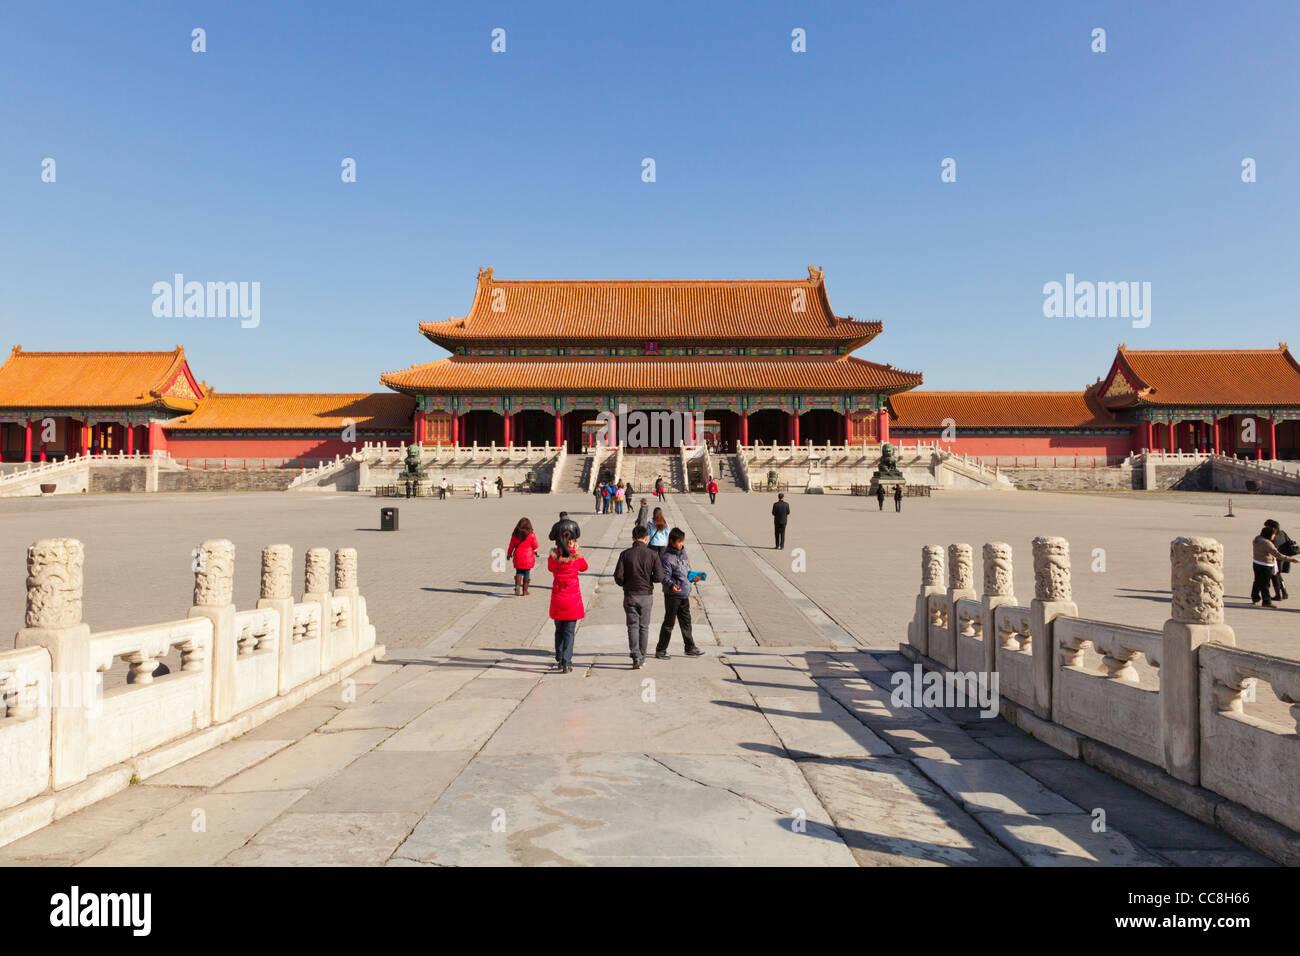 La puerta de la Suprema Armonía, visto a través del primer patio en la Ciudad Prohibida, Pekín Imagen De Stock